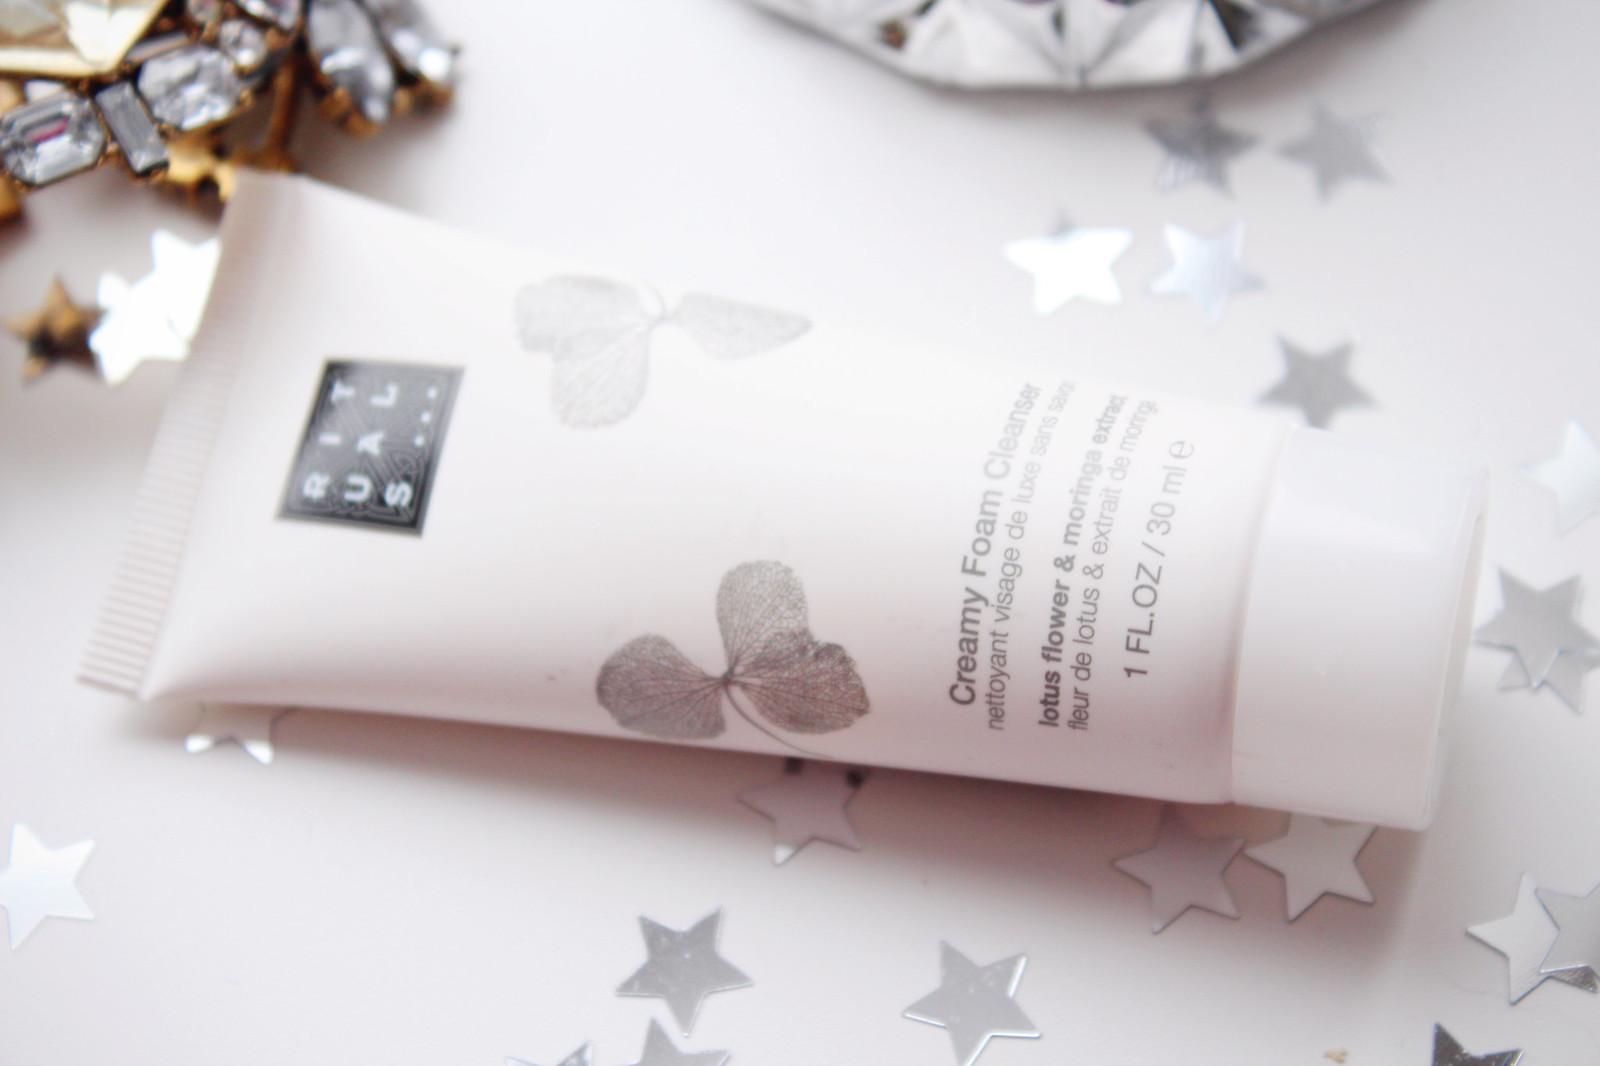 Rituals creamy foam cleanser review